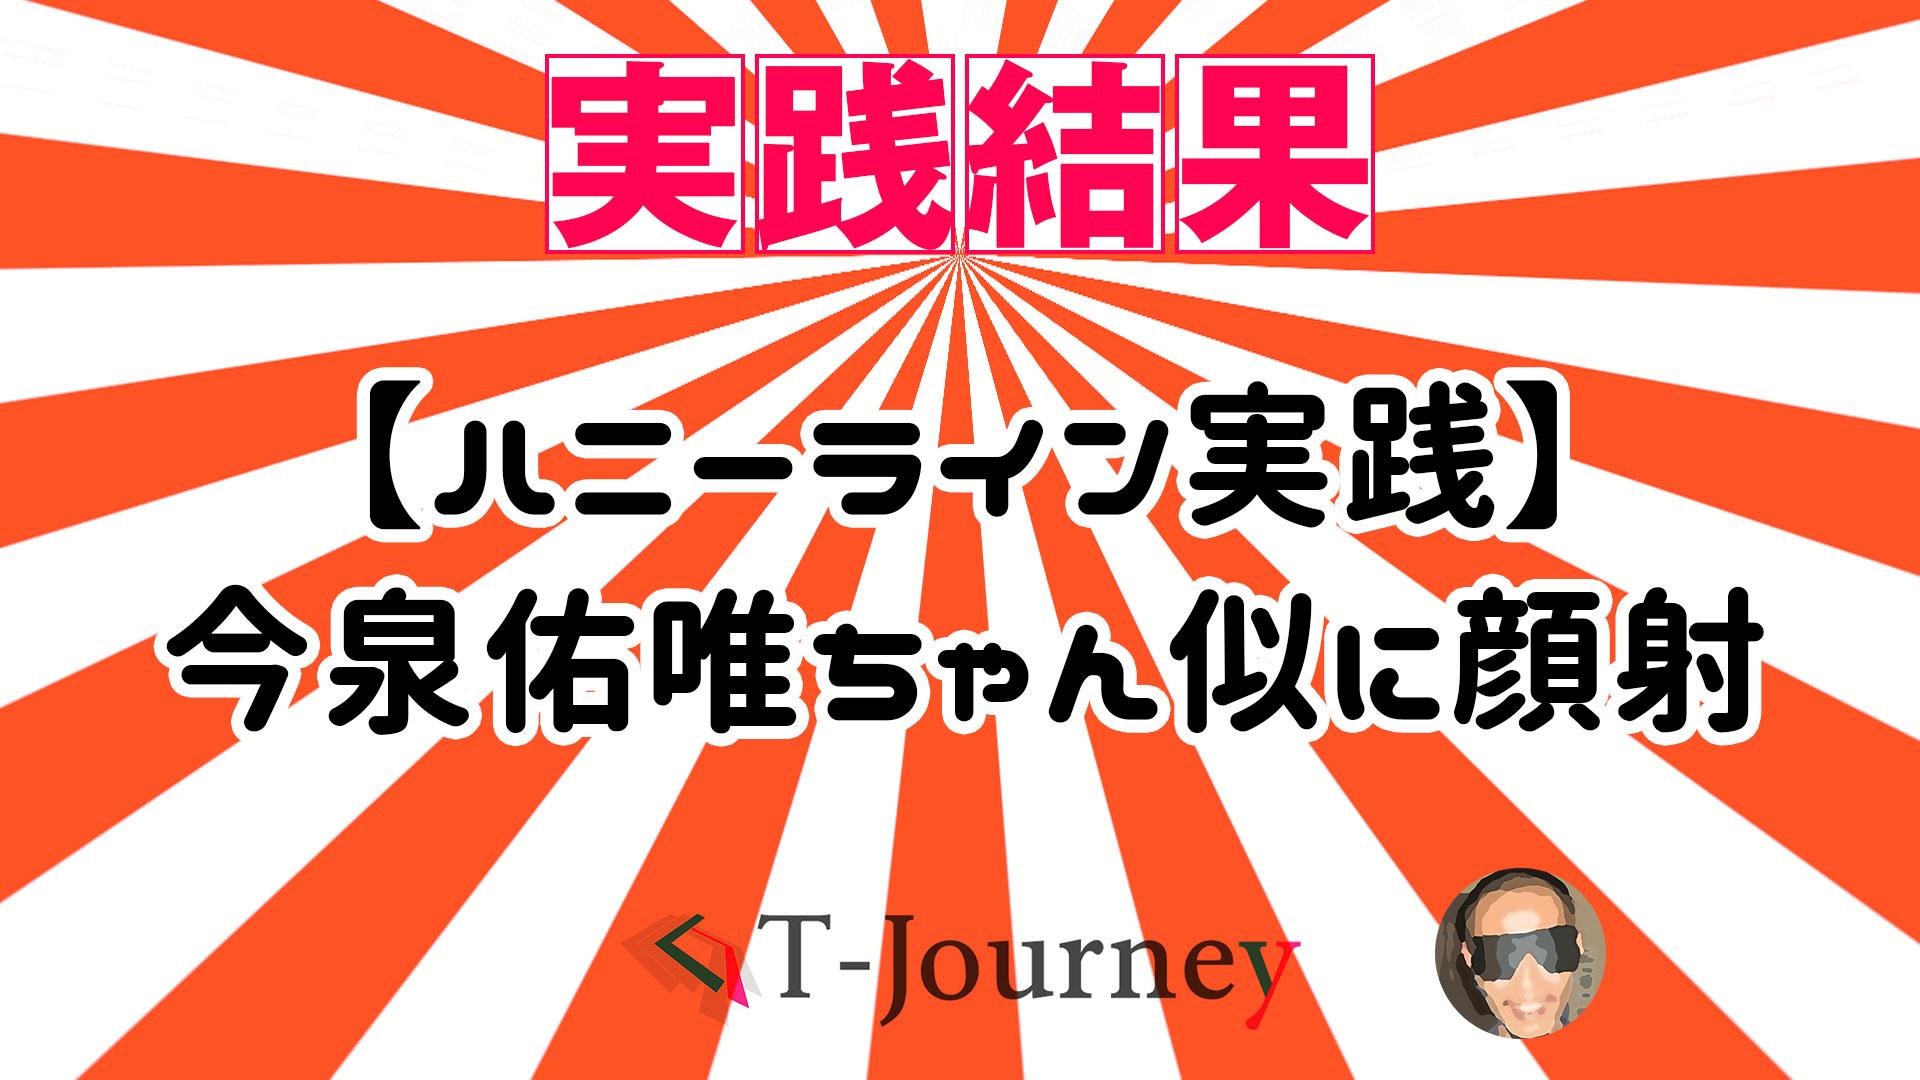 【ハニーライン実践】元風俗嬢の今泉佑唯ちゃん似に顔射【もはや隠さない撮り!】